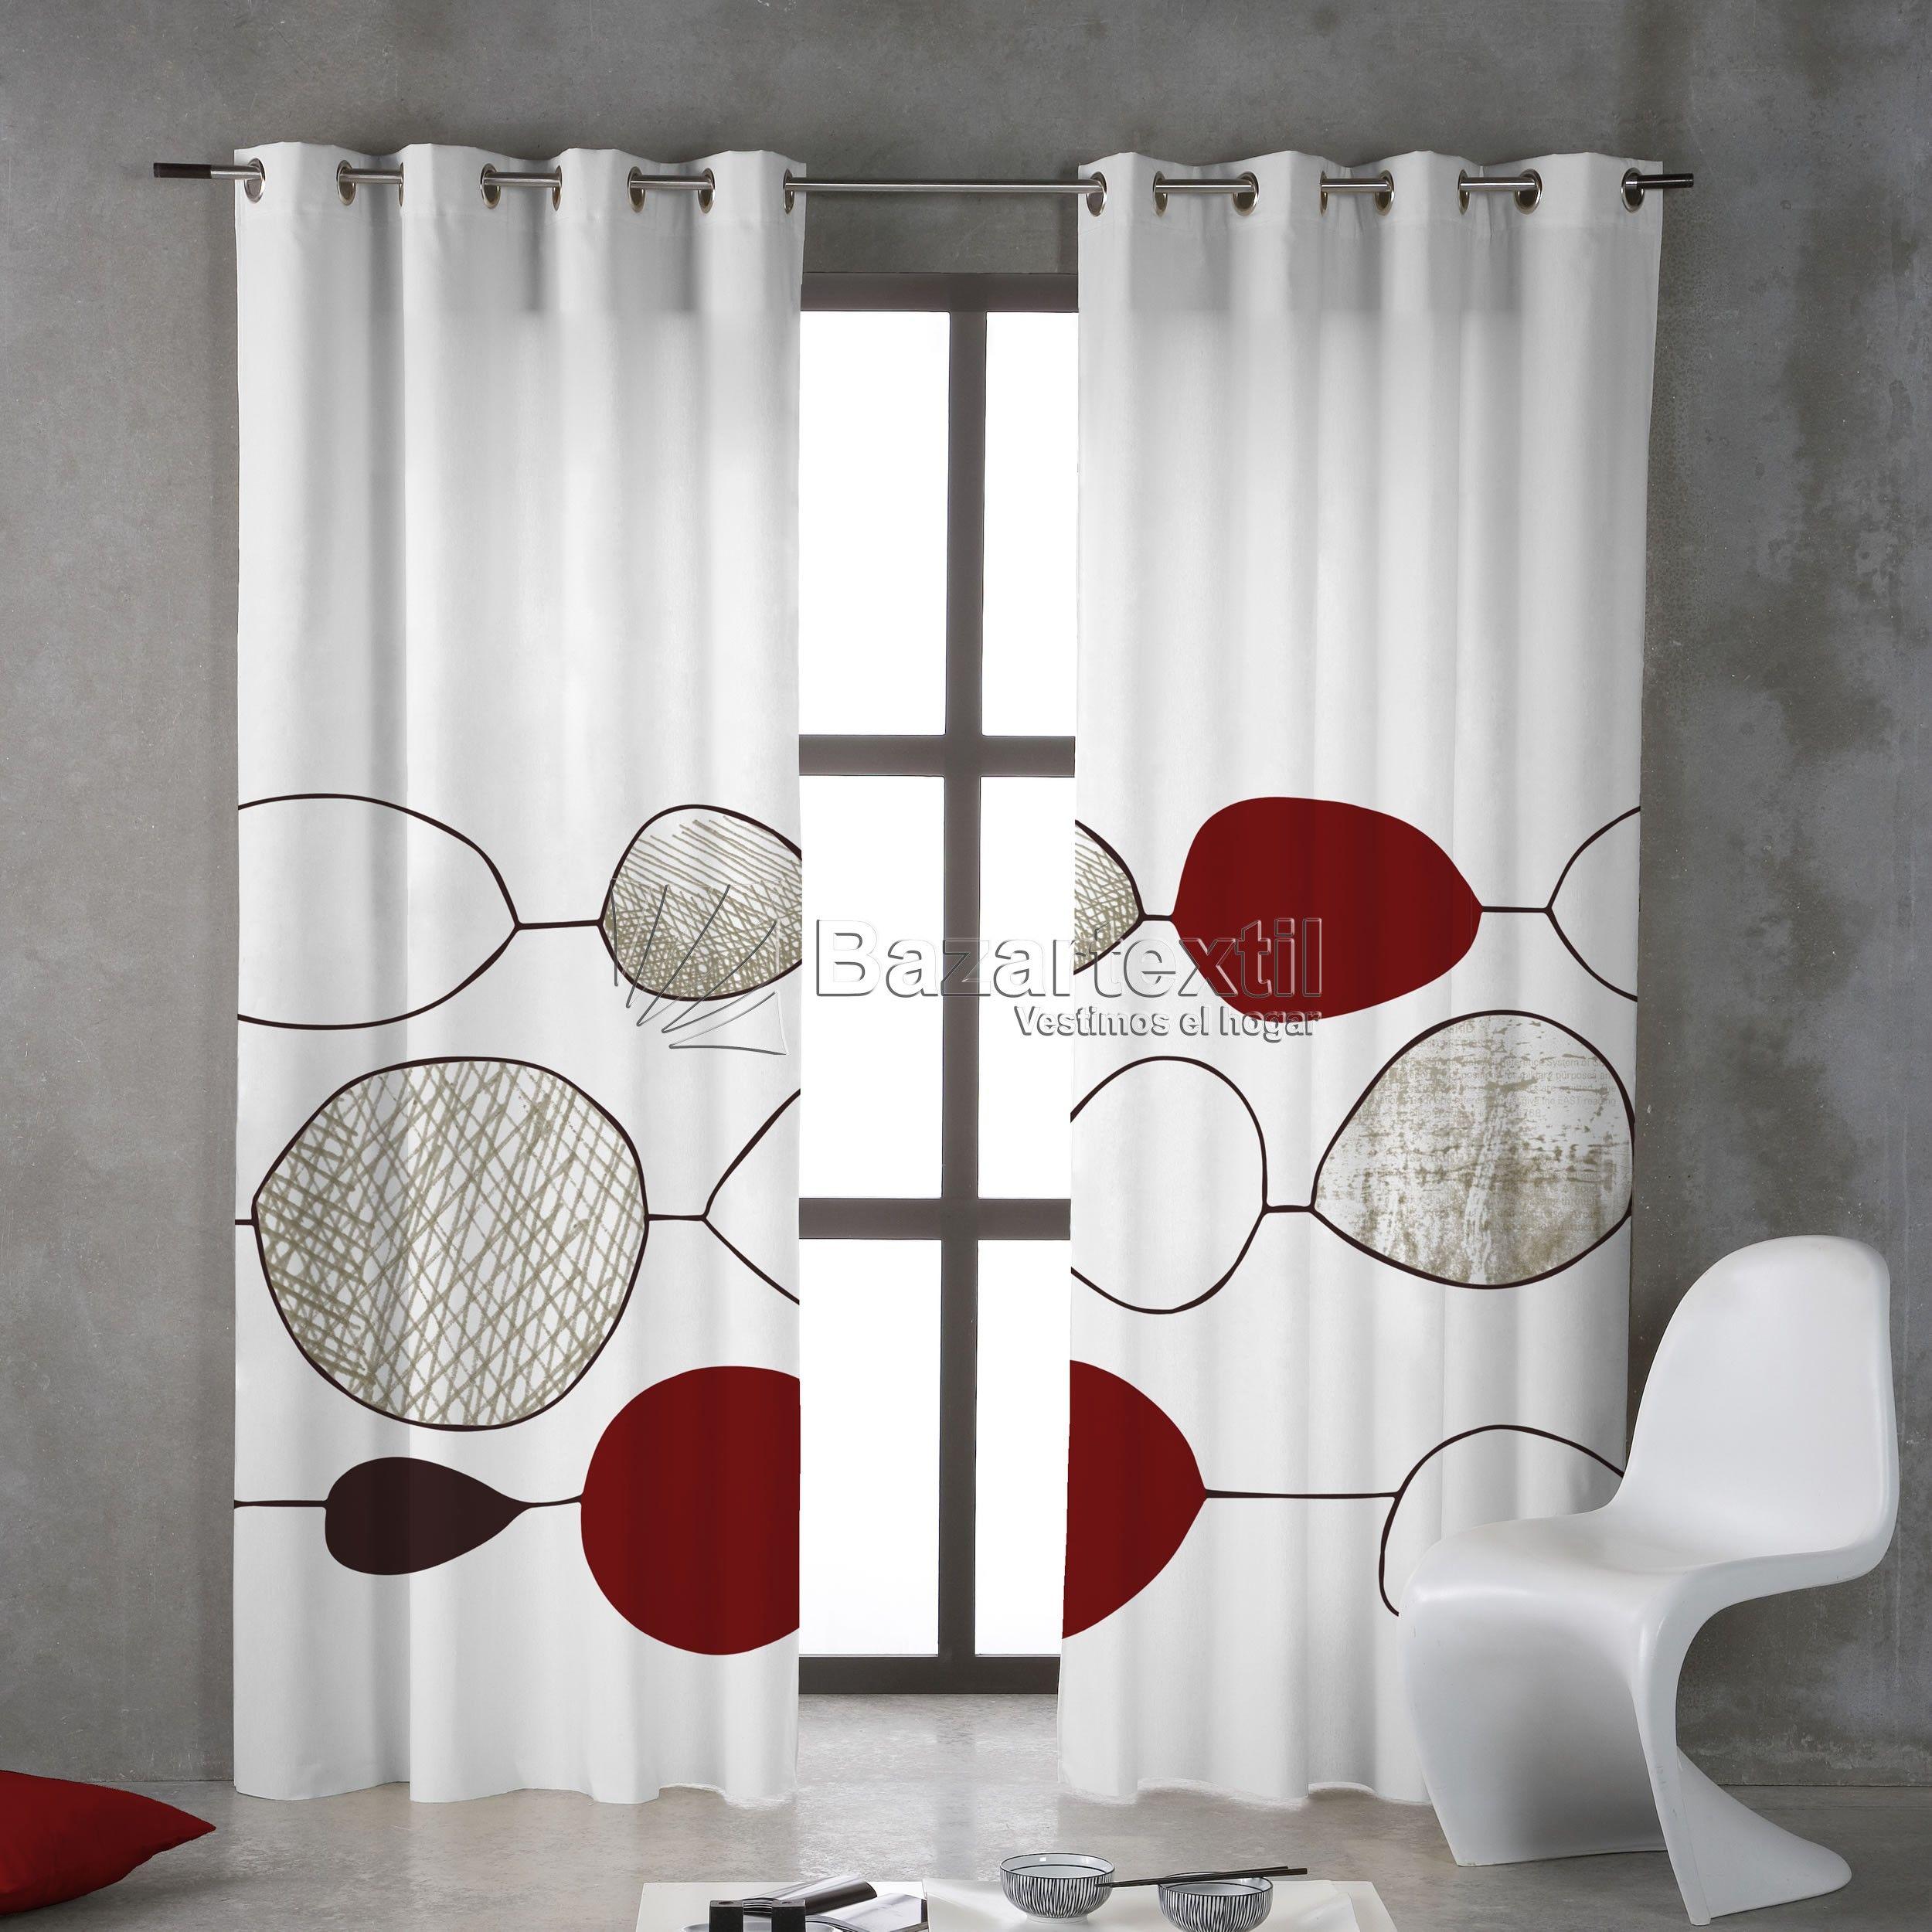 El mejor dise o de cortinas 2016 cortinas pinterest for Cortinas para cocina modernas 2016